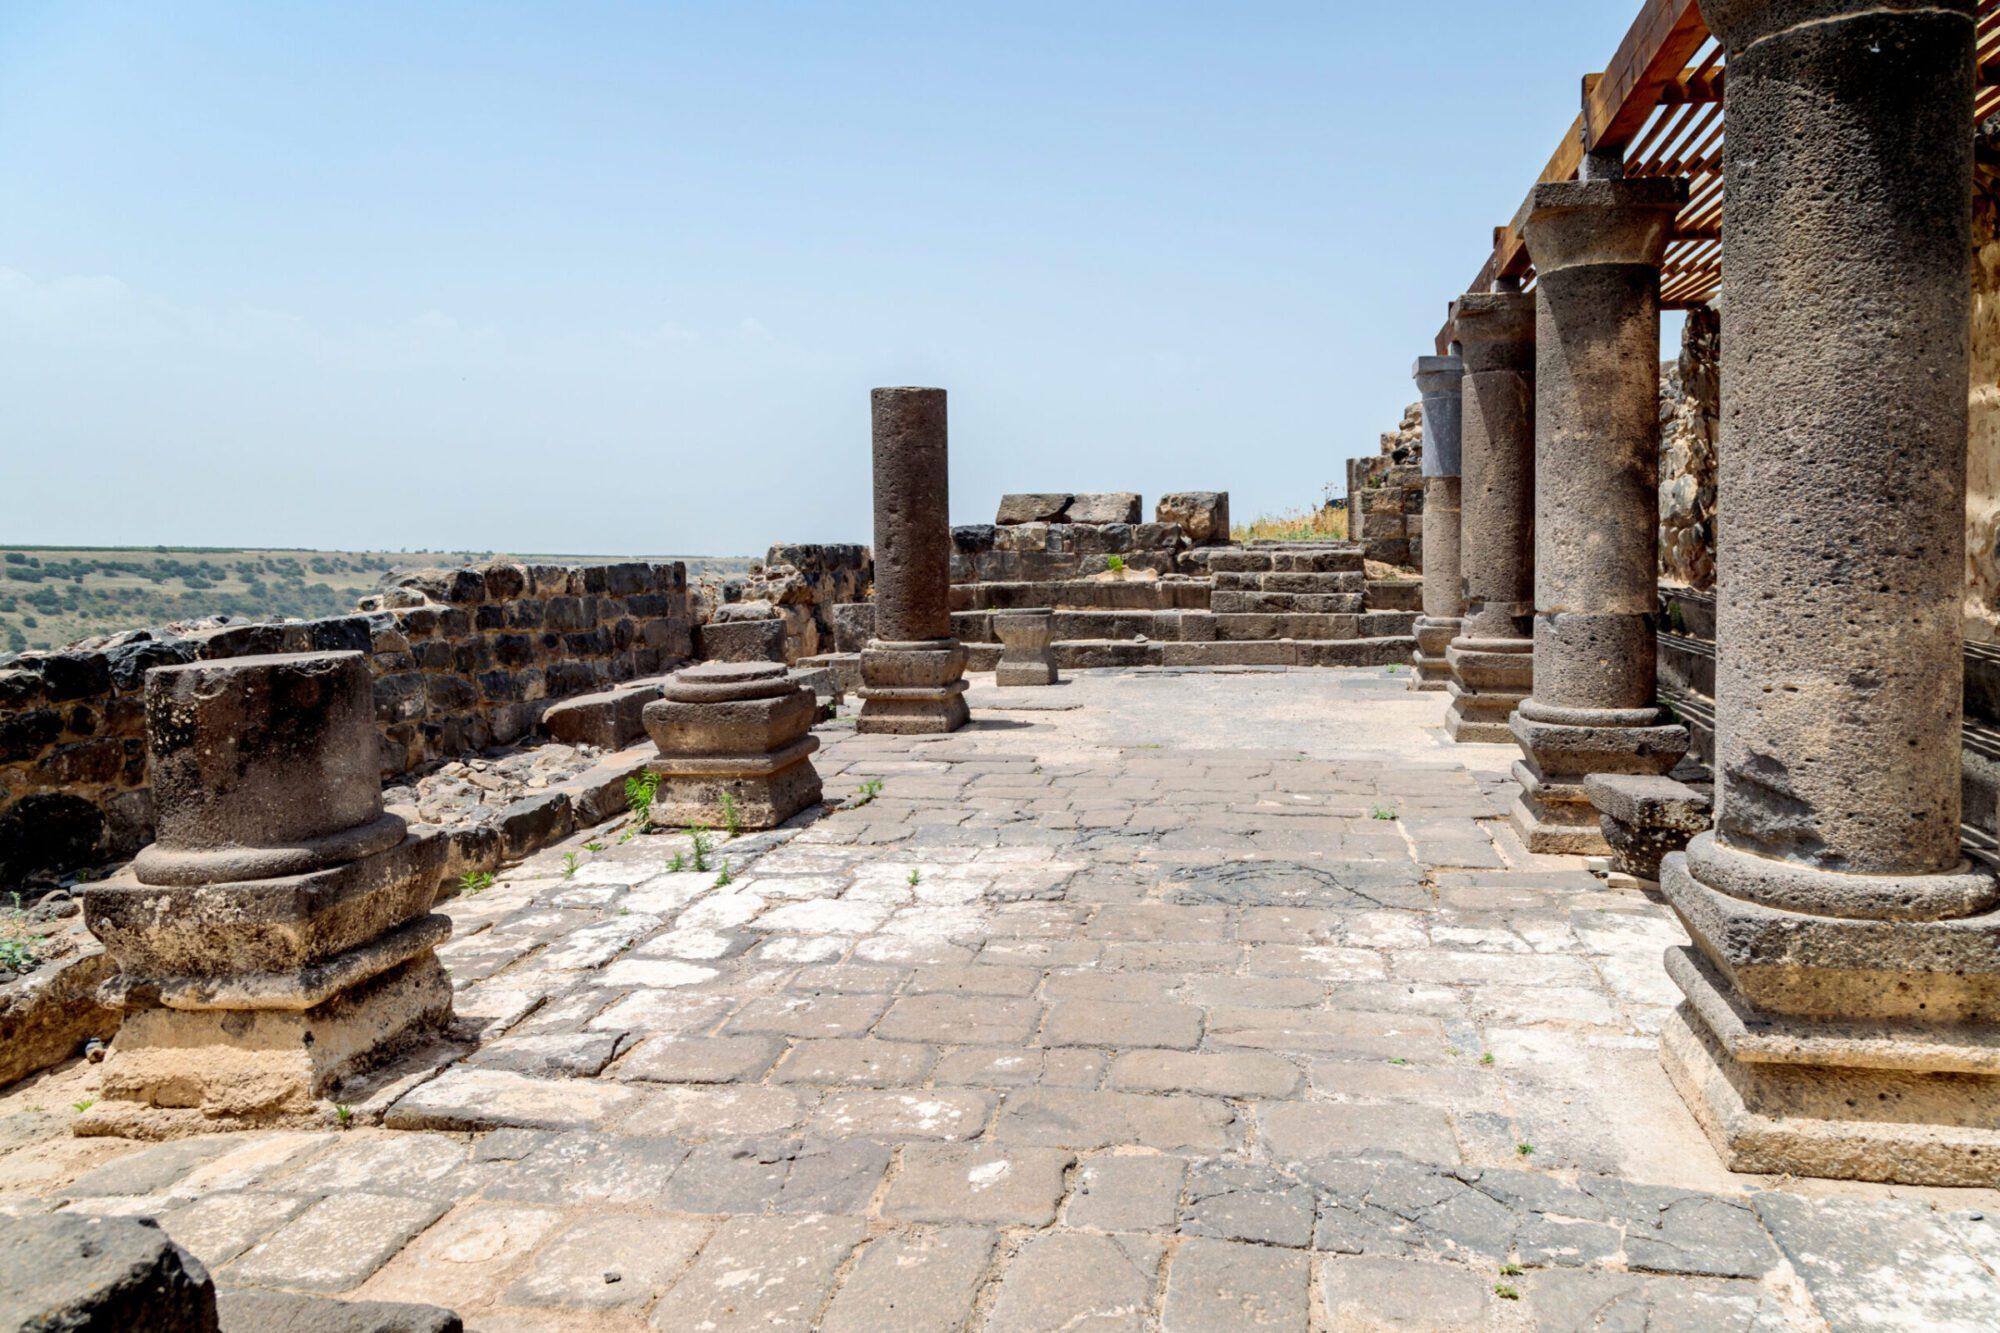 Israel Archaeological One Day Tours - Umm el-Qanatir ruin